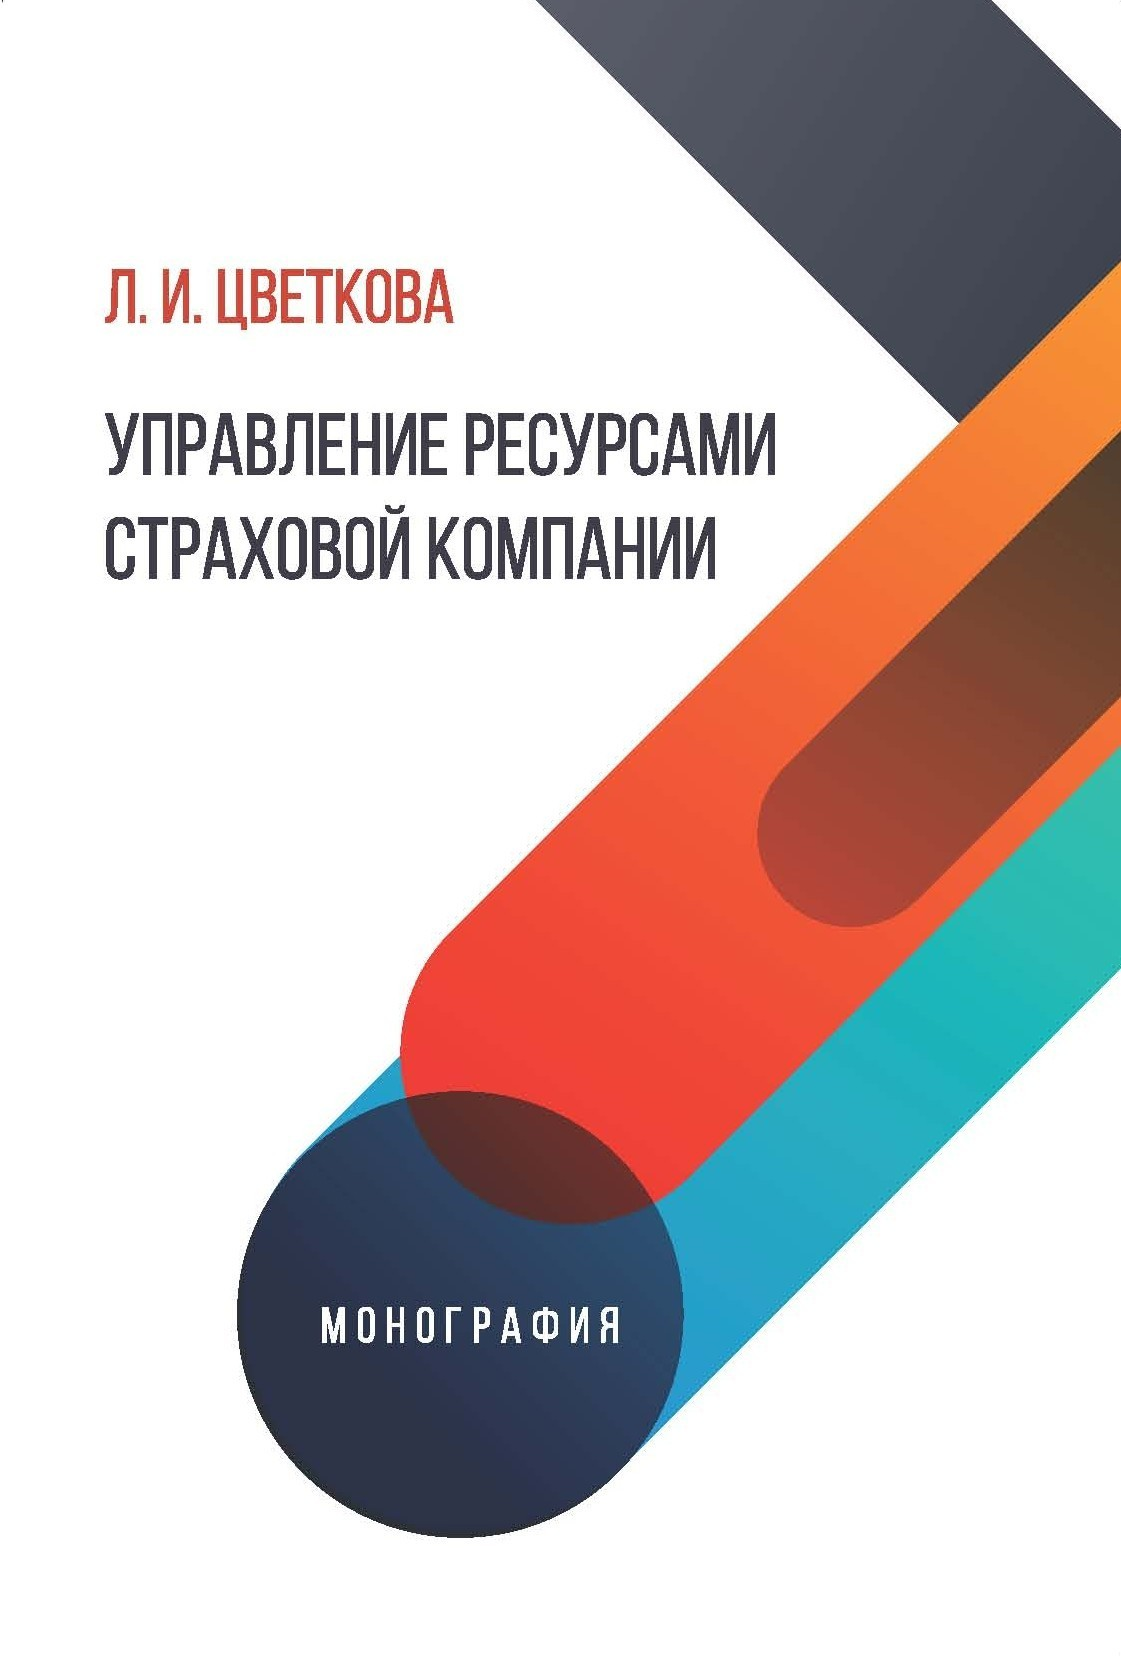 Обложка книги. Автор - Людмила Цветкова